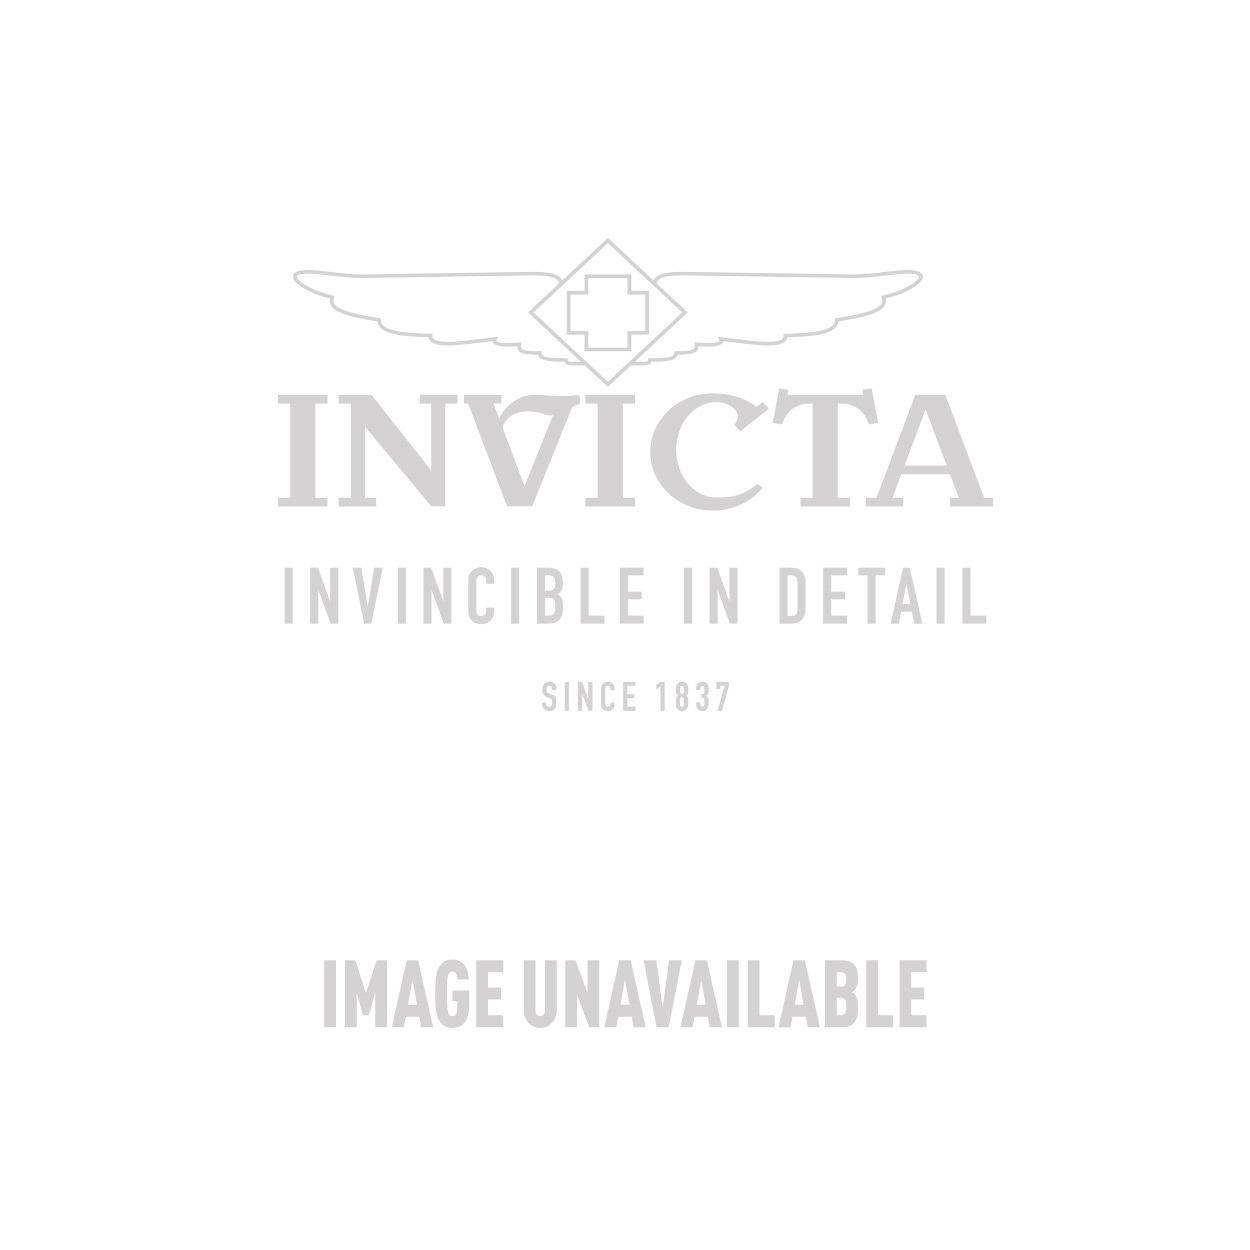 Invicta Model 25319